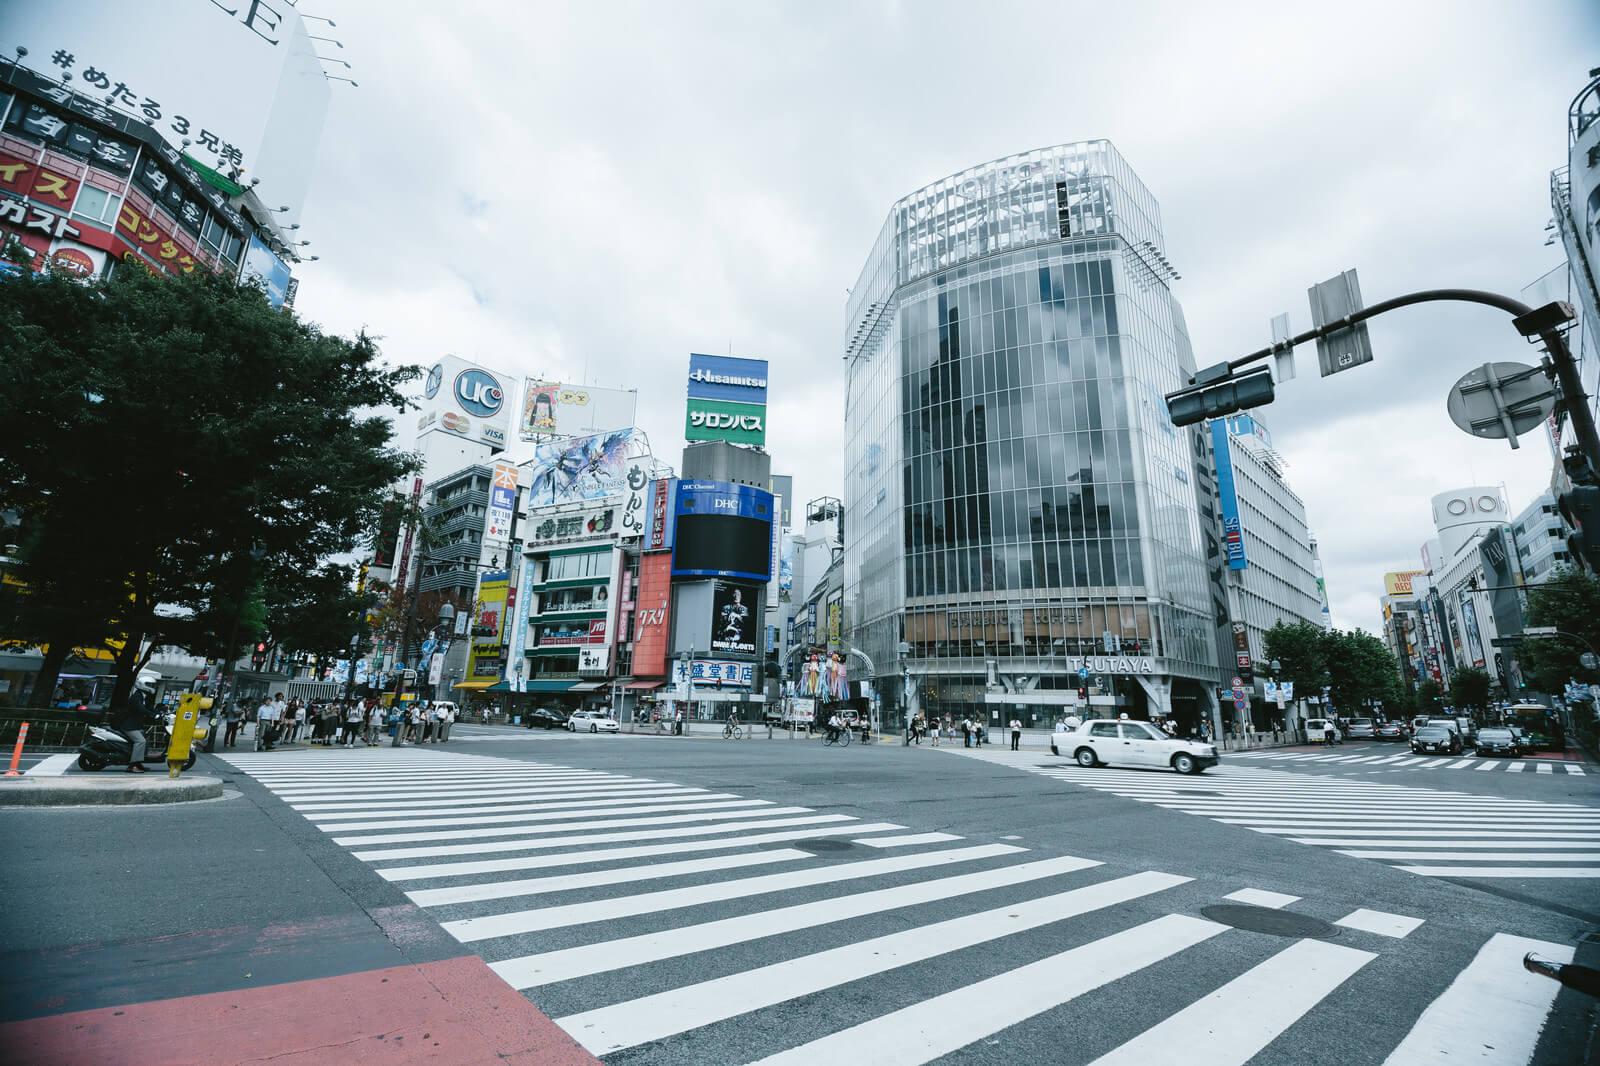 【動画あり】YouTuber渋谷のスクランブル交差点にベッドを持ち込み書類送検